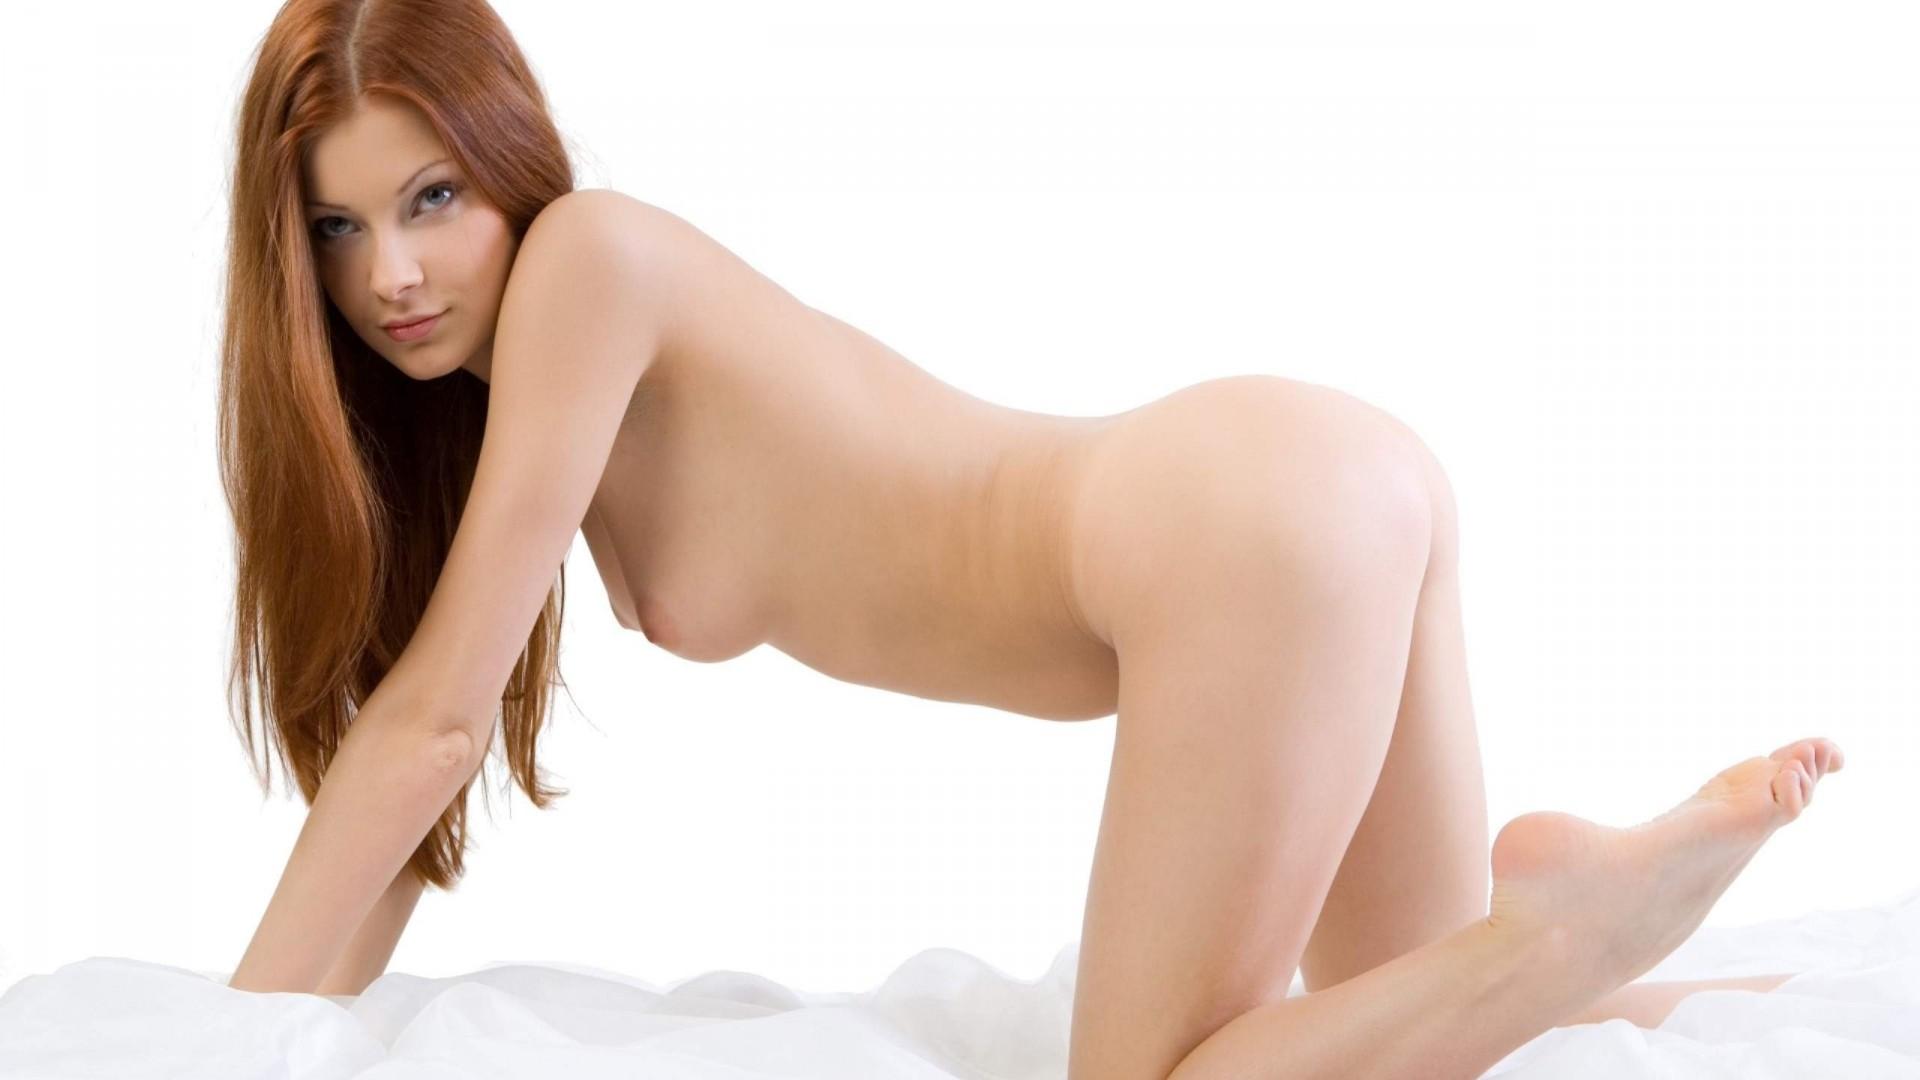 posmotret-za-golimi-babami